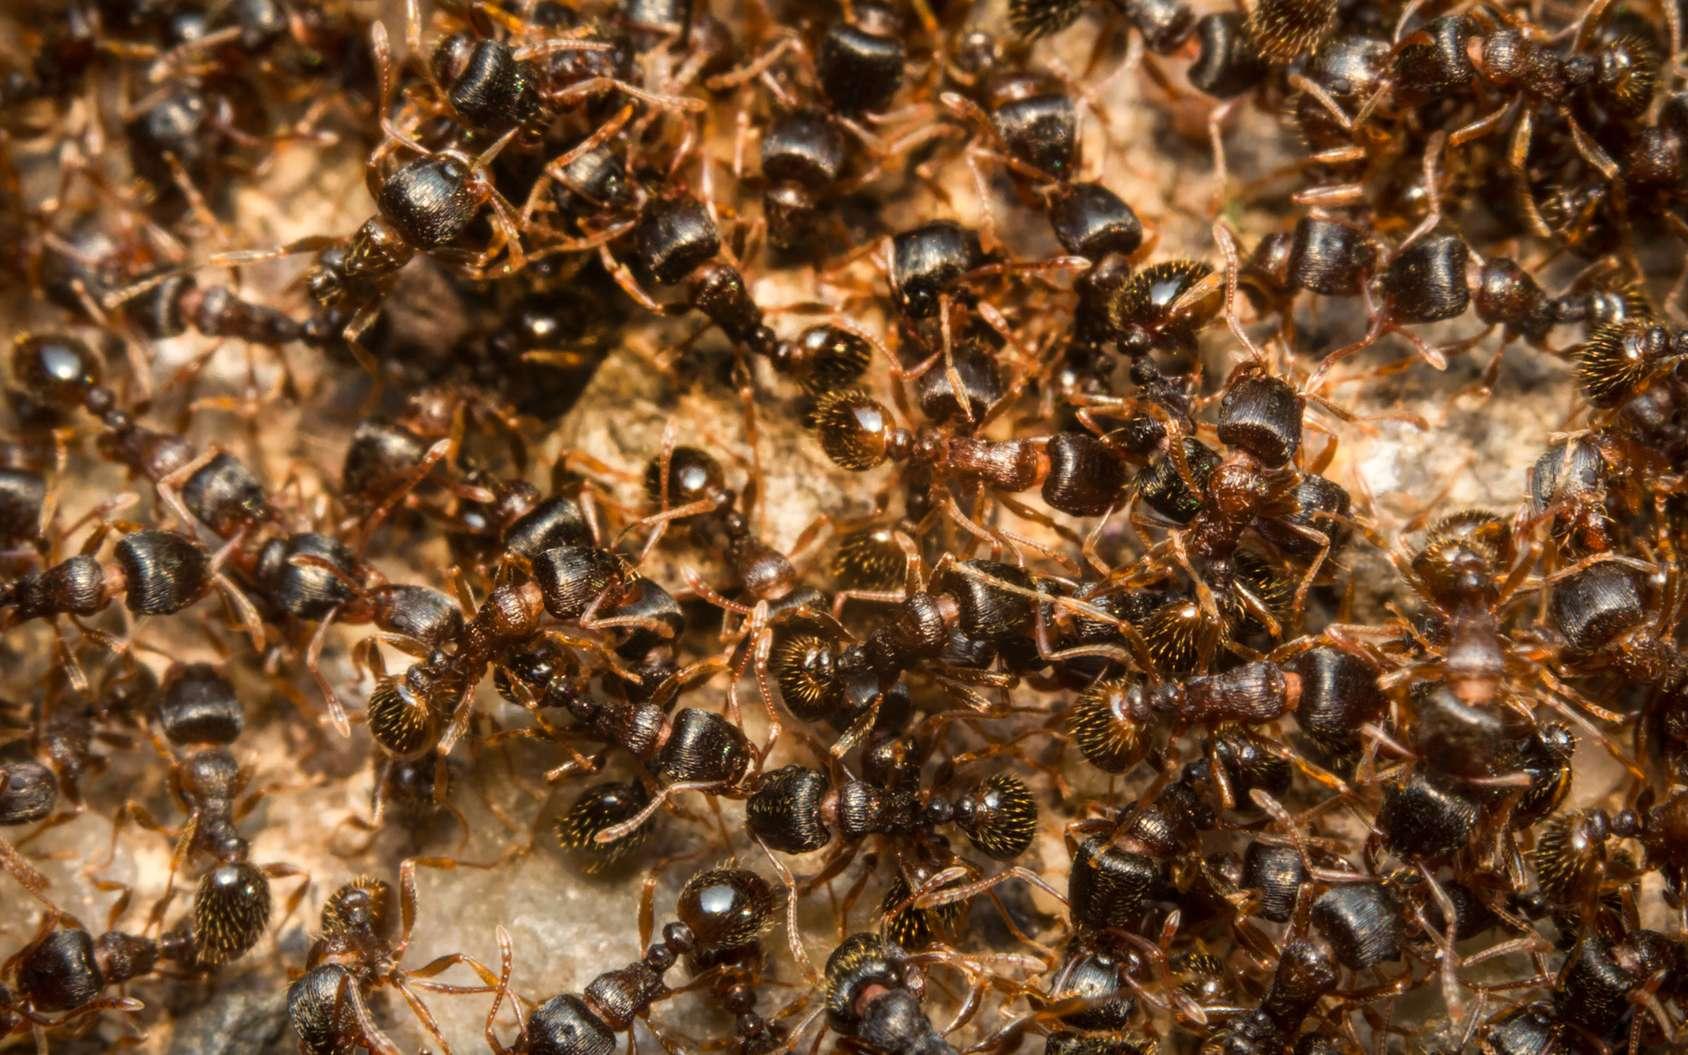 Les fourmis peuvent être opportunistes et s'adapter à leur environnement. Pour la nourriture aussi. © Ezume Images, Fotolia